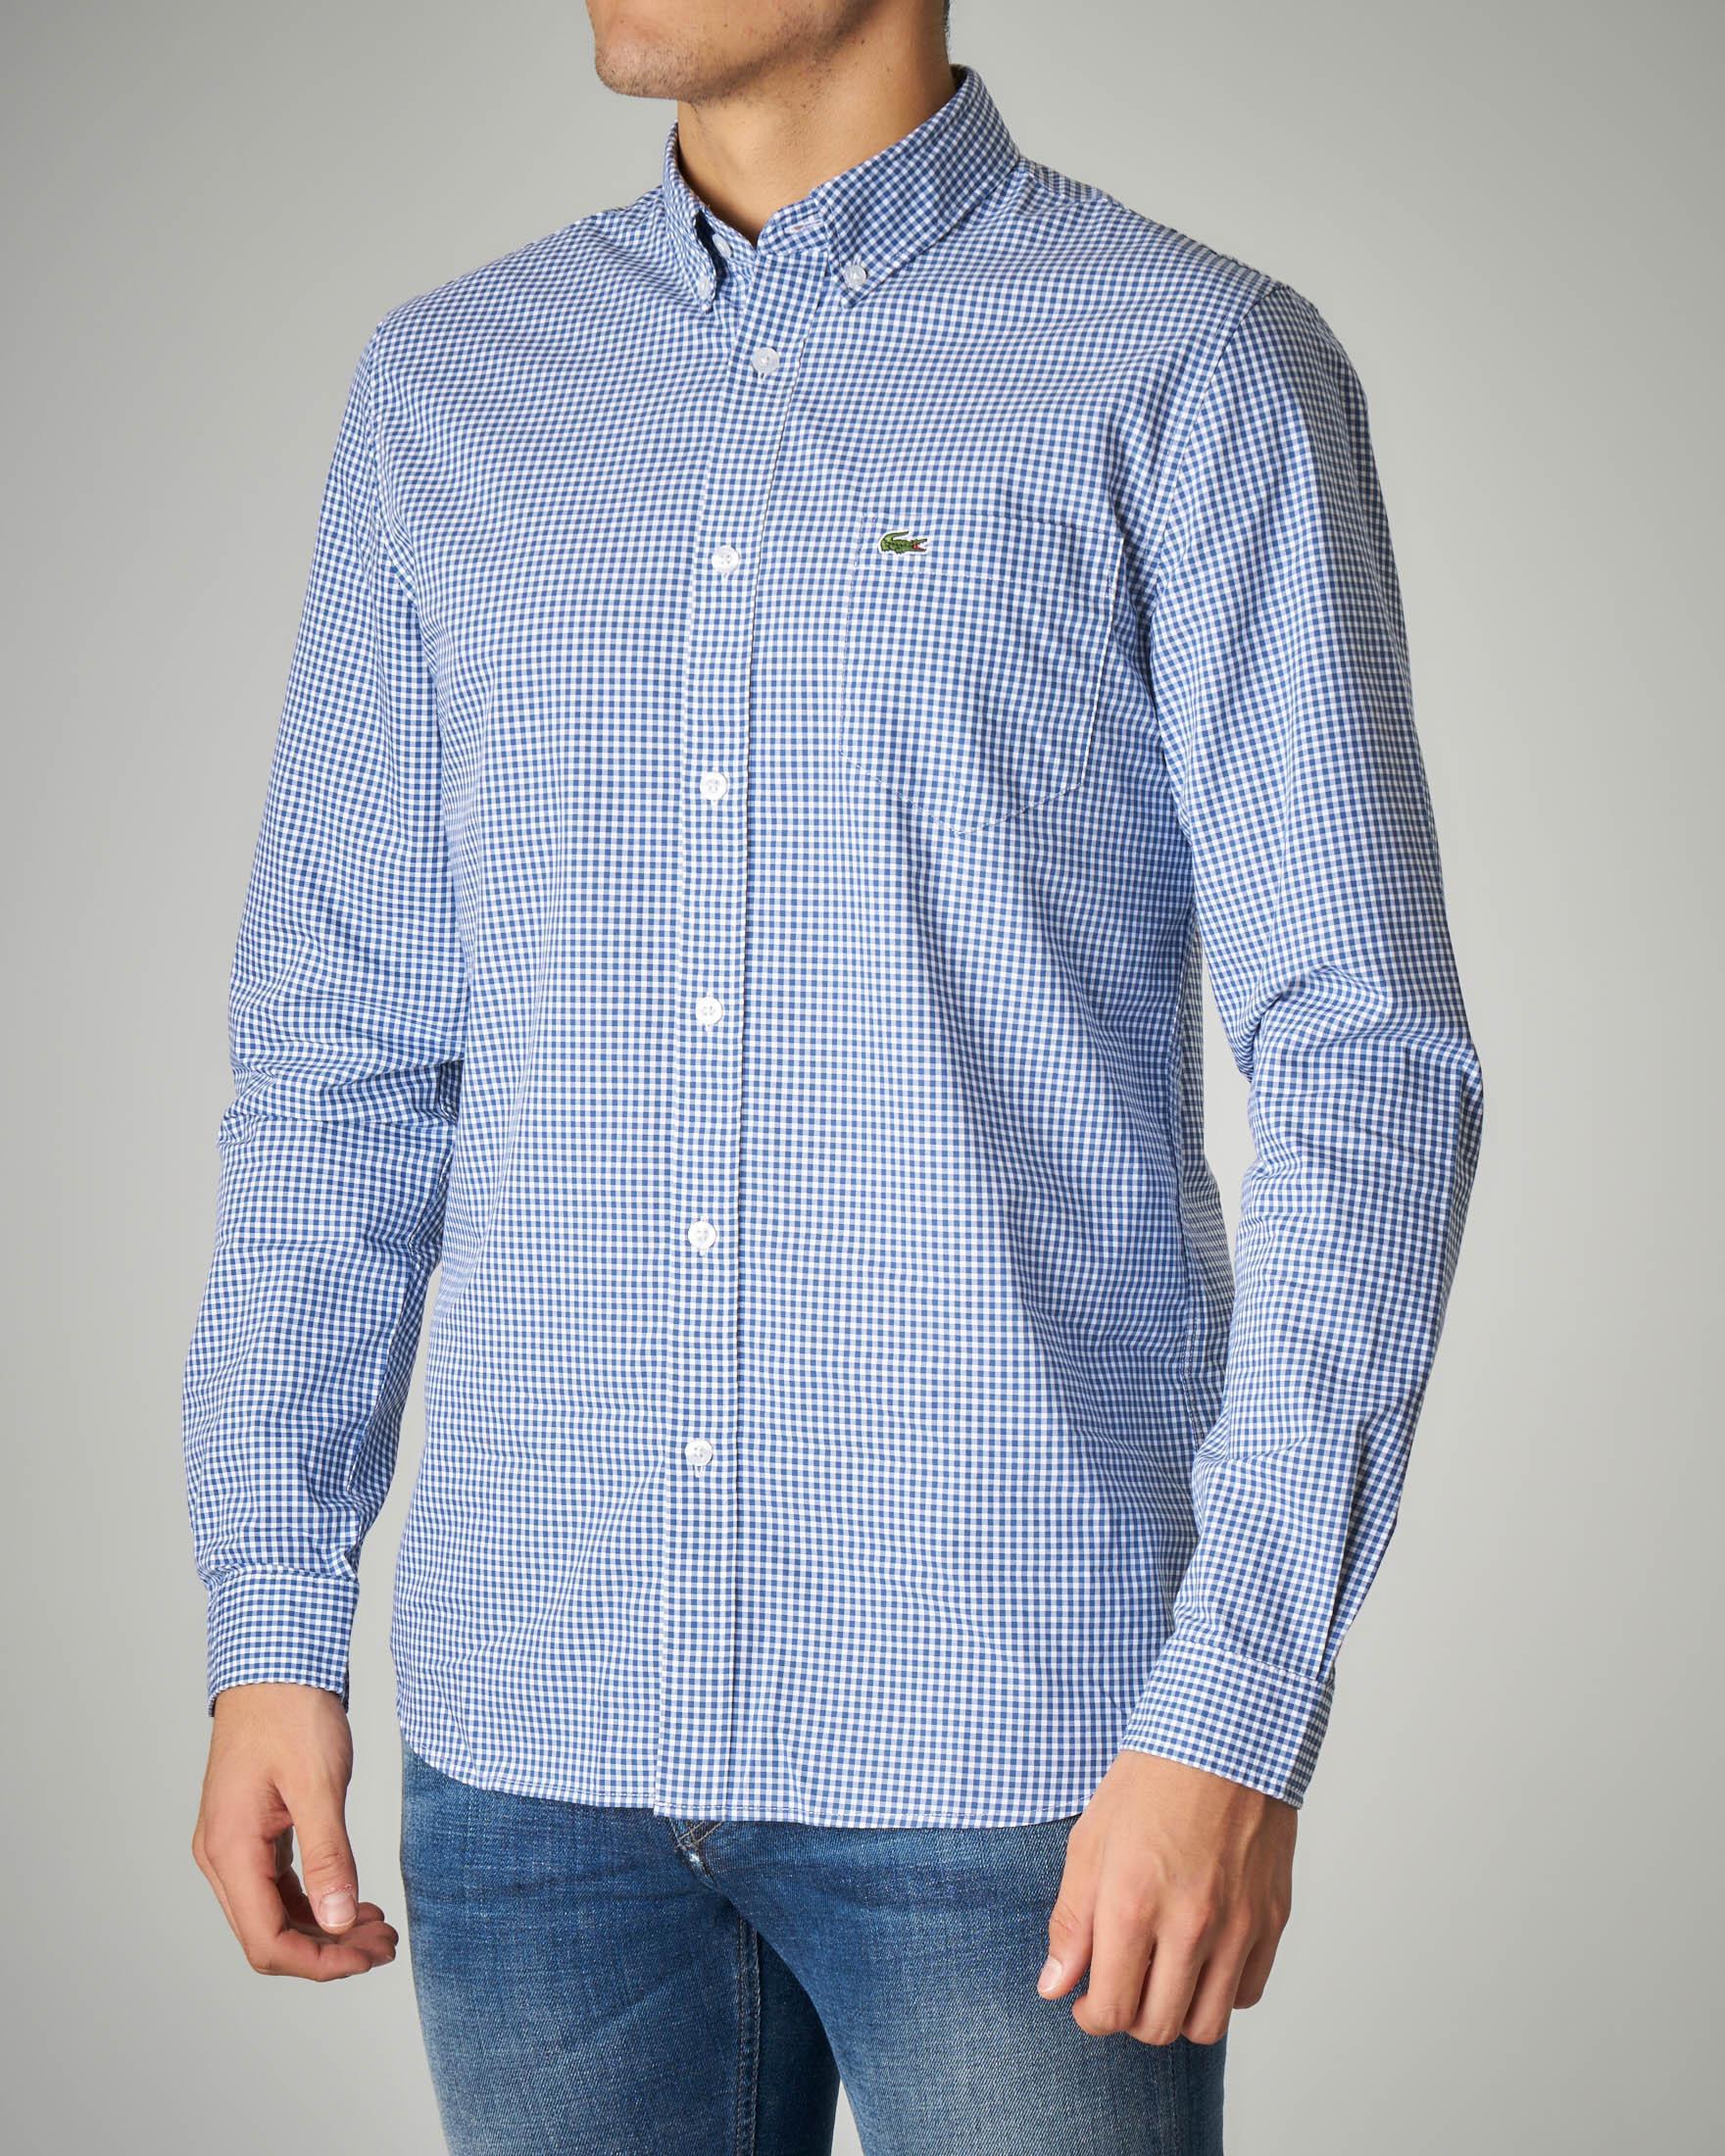 Camicia azzurra a quadretti con taschino